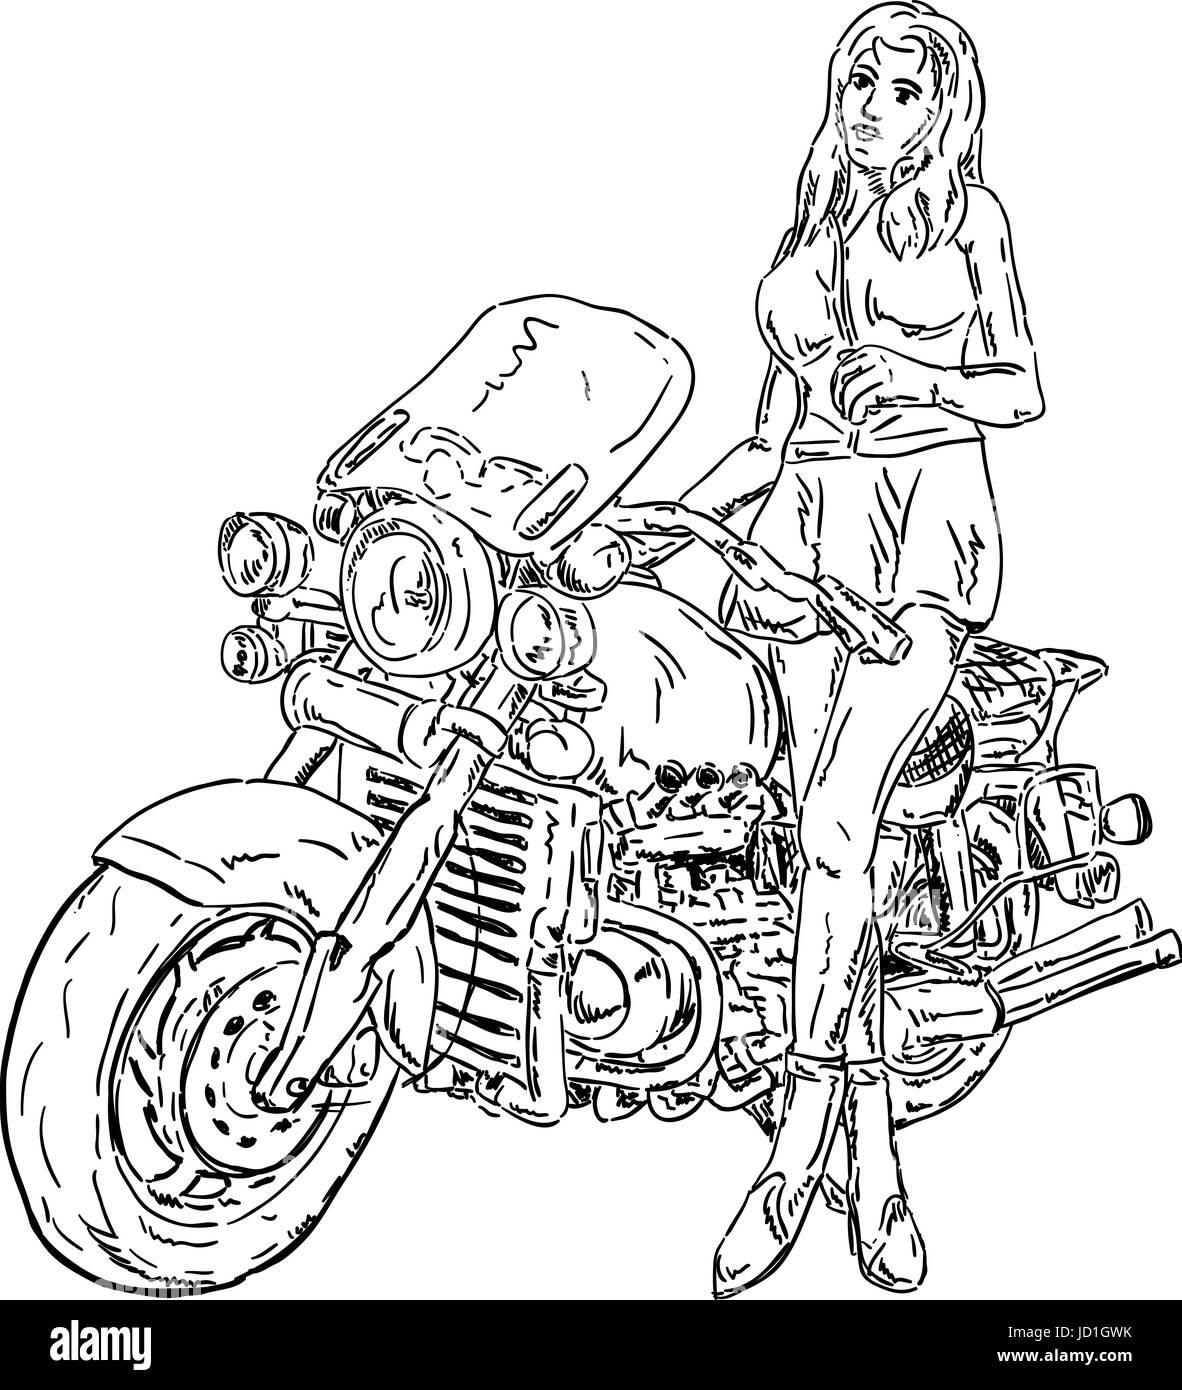 Isoliert Farbe Illustration Malen Zeichnen Madchen Madchen